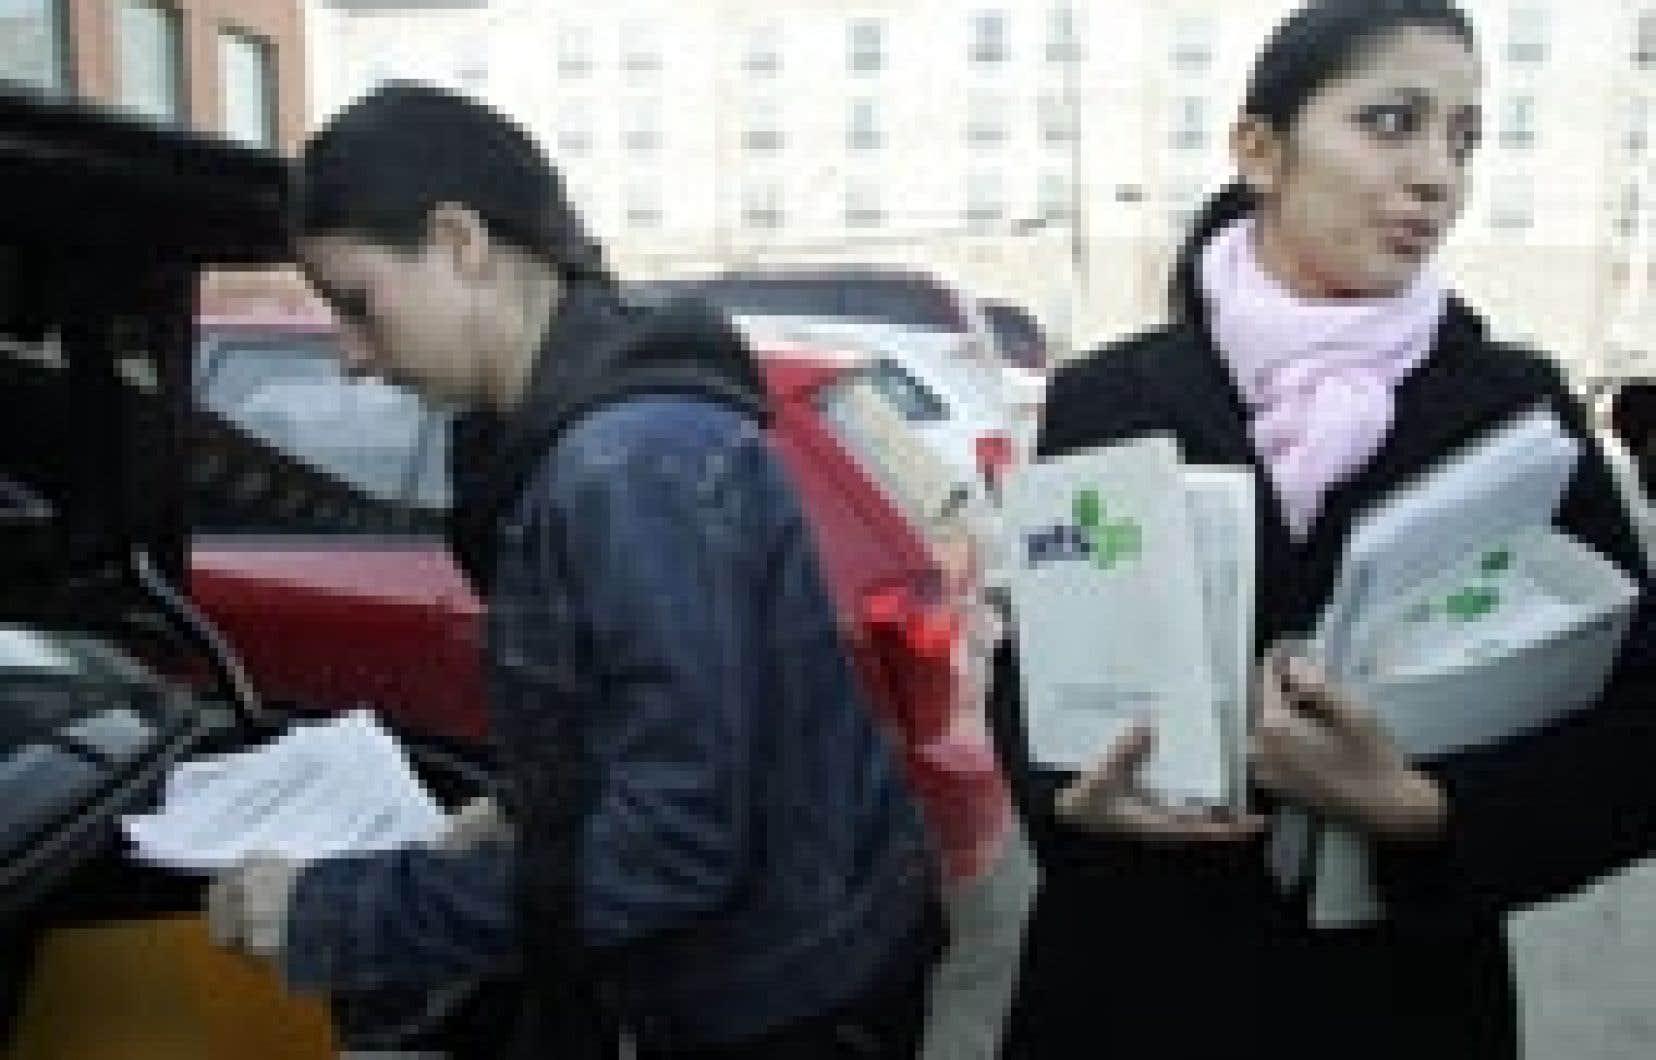 Des employées de Jetsgo s'apprêtent à rendre leurs manuels professionnels avant de recevoir leur dernier chèque de paie. Au total, Jetsgo a dépensé quelque six millions en un mois pour assurer sa survie et permettre une éventuelle relance. La pl